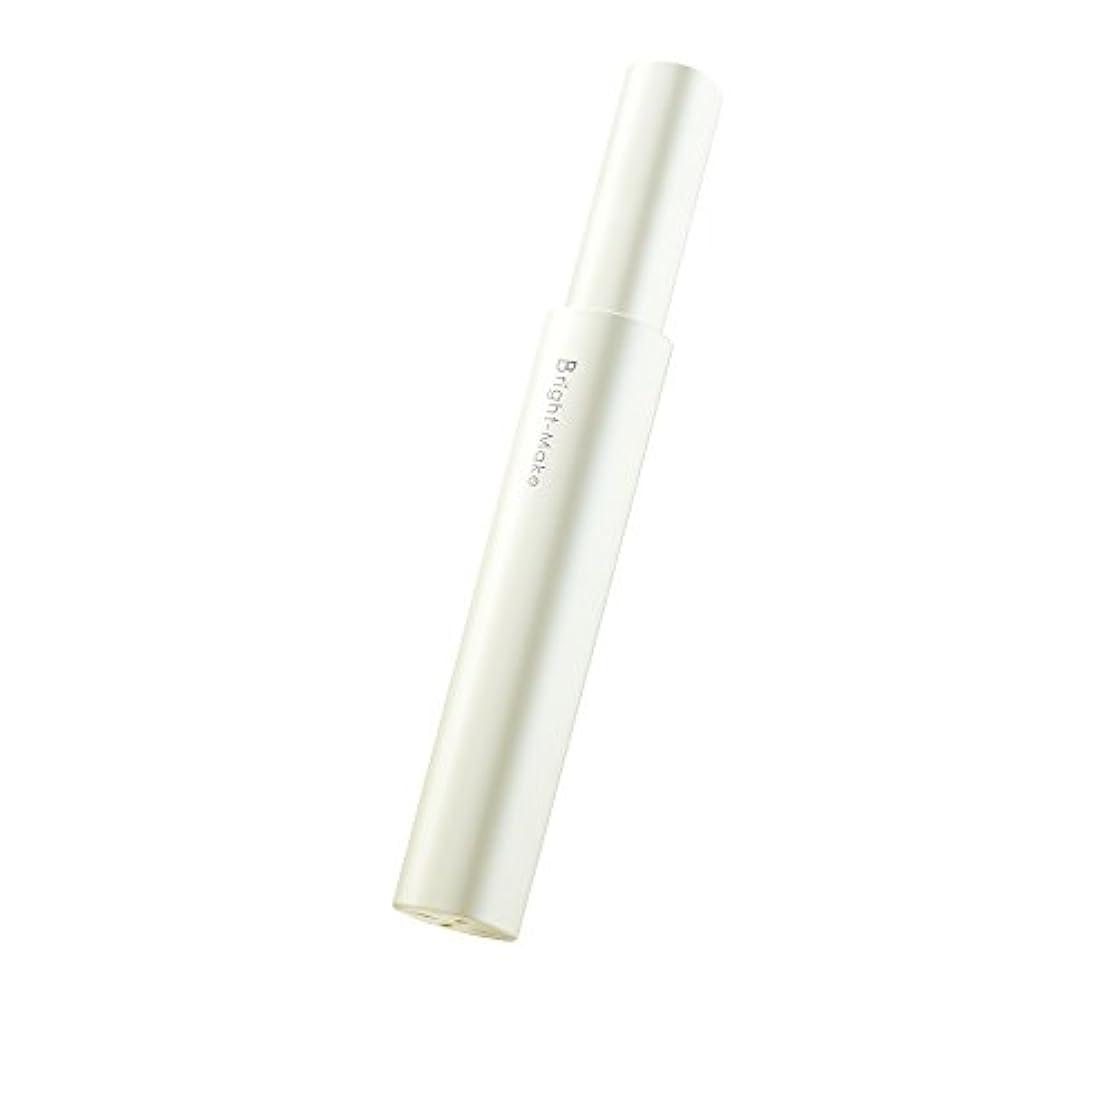 ワット検体穿孔するオーヴィックス 電動歯ブラシ Bright-Make(ブライトメイク) ホワイト BRM-WT01